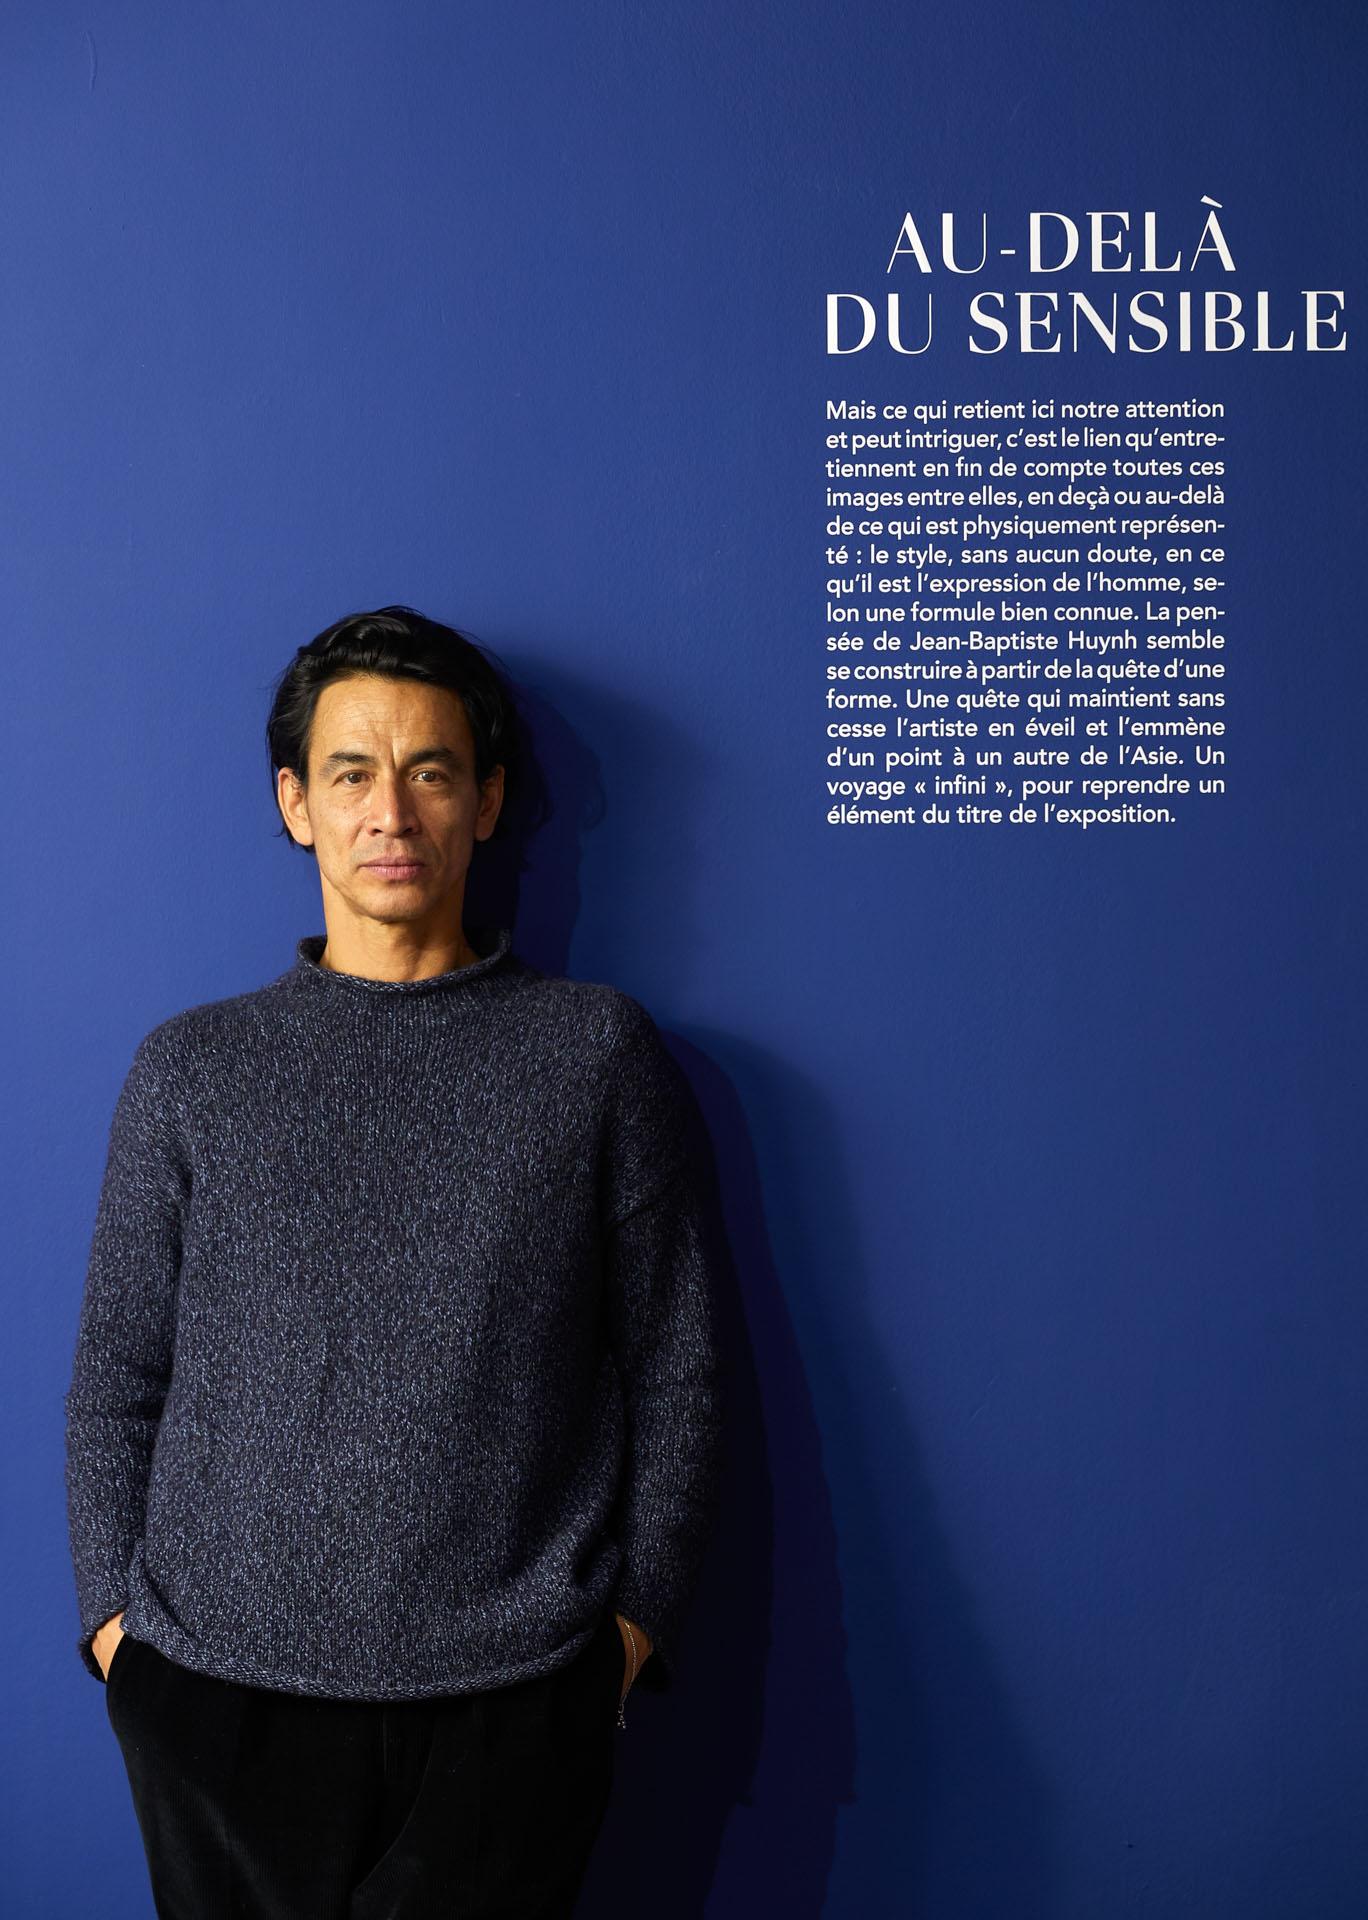 """Jean-Baptiste Huynh au Musée Guimet à l'entrée de son exposition """"Infinis d'Asie"""" au musée National des Arts Asiatiques Guimet, Paris, du 20 février au 20 mai 2019."""